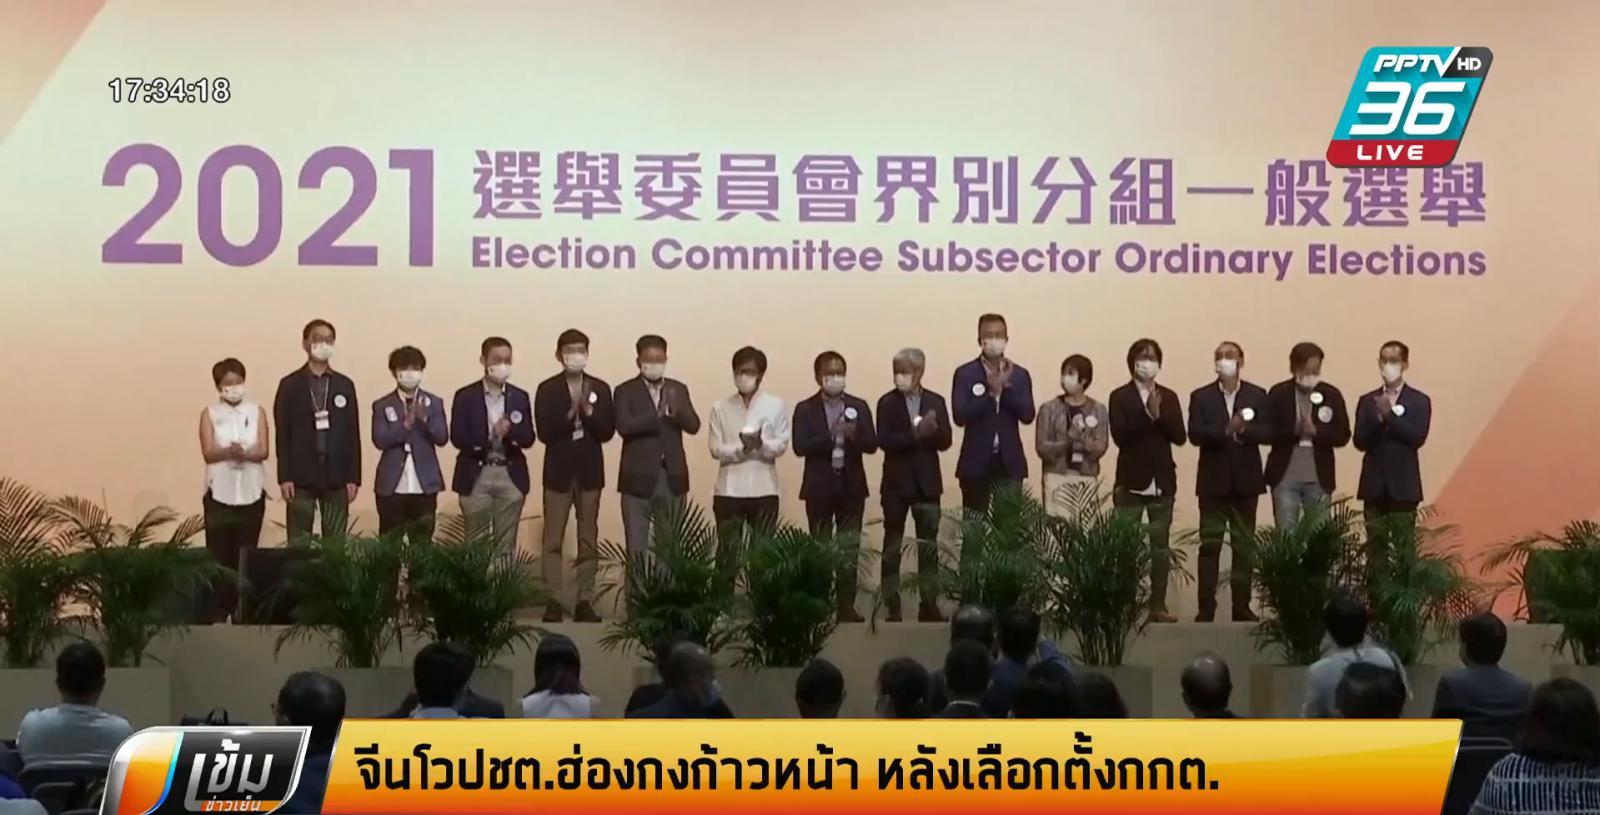 จีนโวประชาธิปไตยฮ่องกงก้าวหน้า หลังจัดเลือกตั้ง กกต.